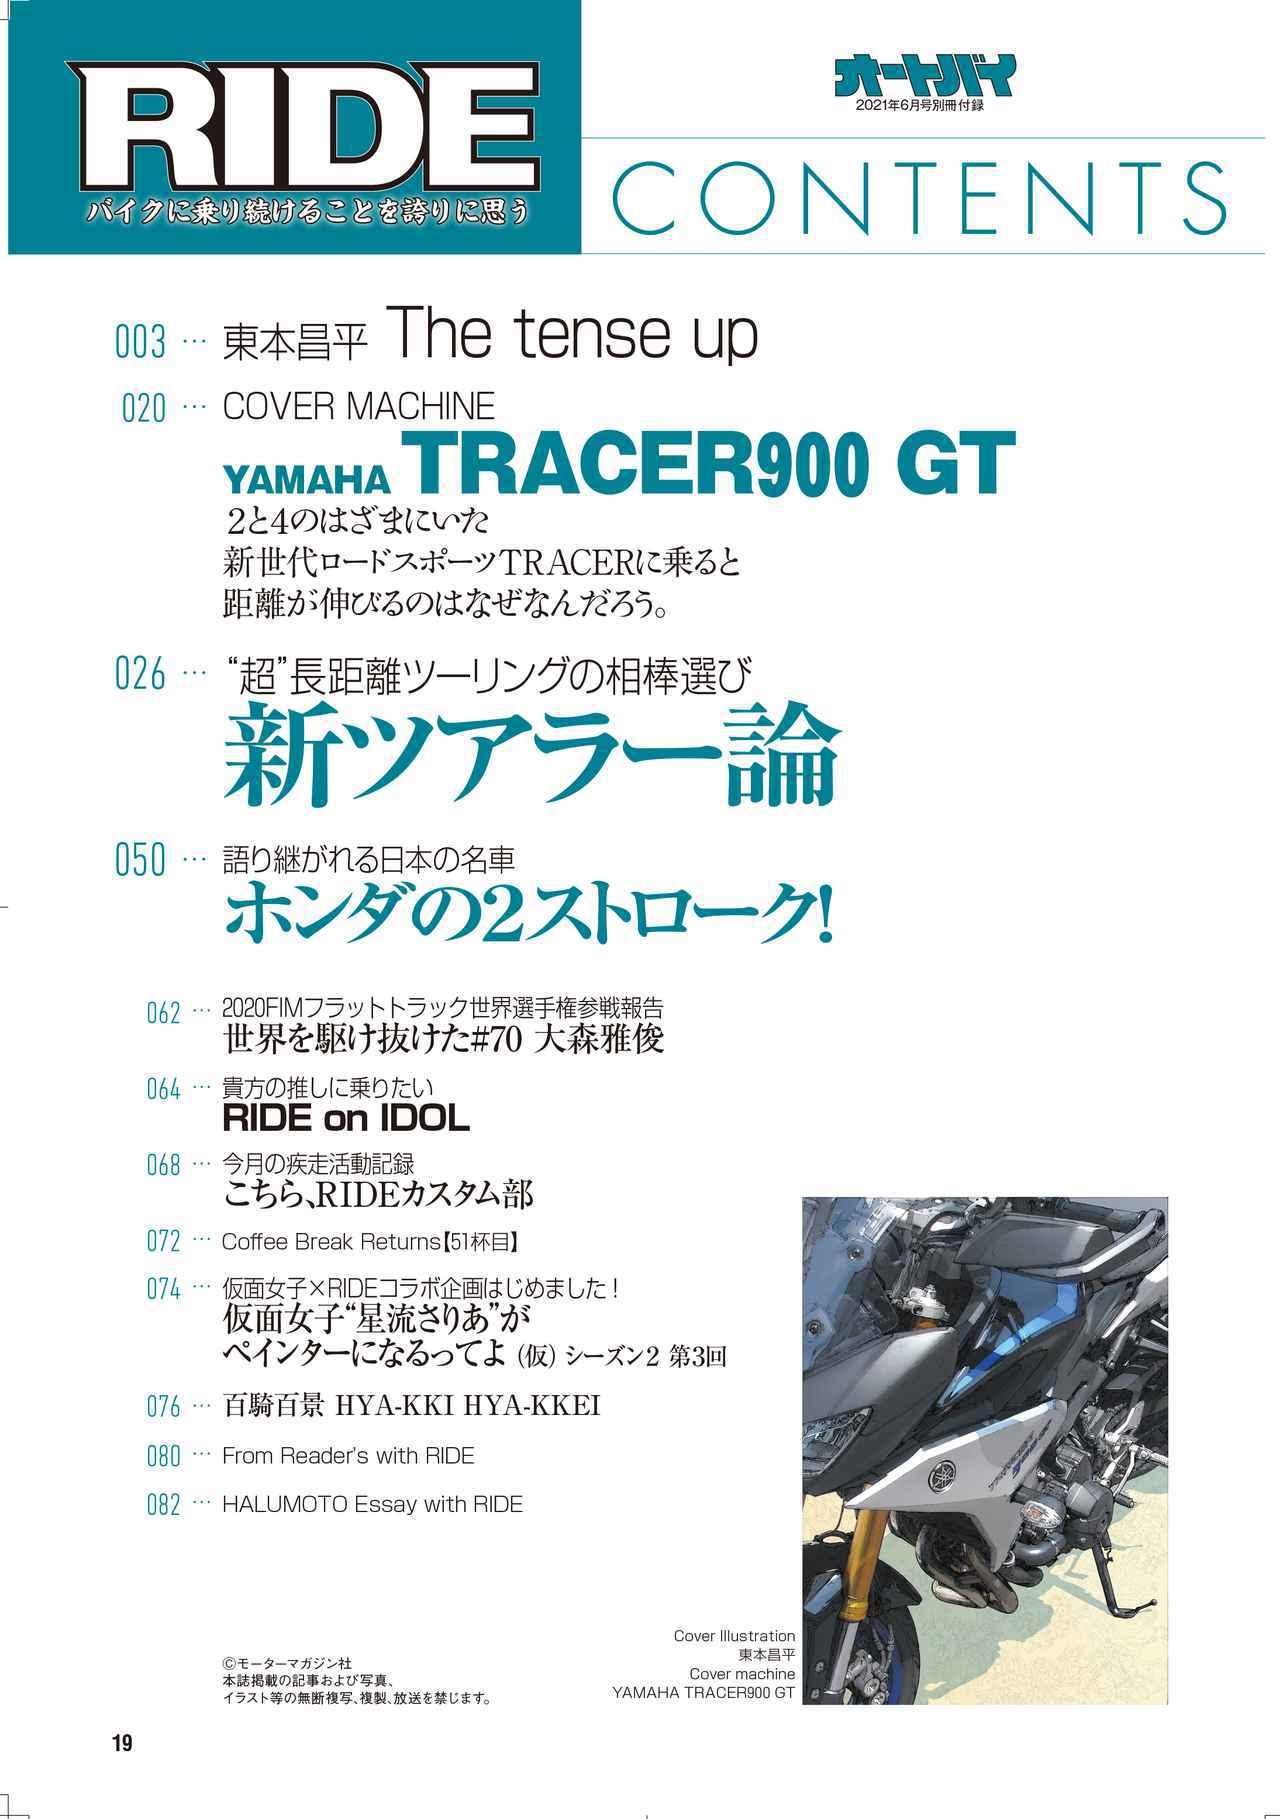 画像4: 月刊『オートバイ』6月号の特集はGB350/SR400比較検証! スクープも掲載! 別冊付録「RIDE」はツアラー大特集